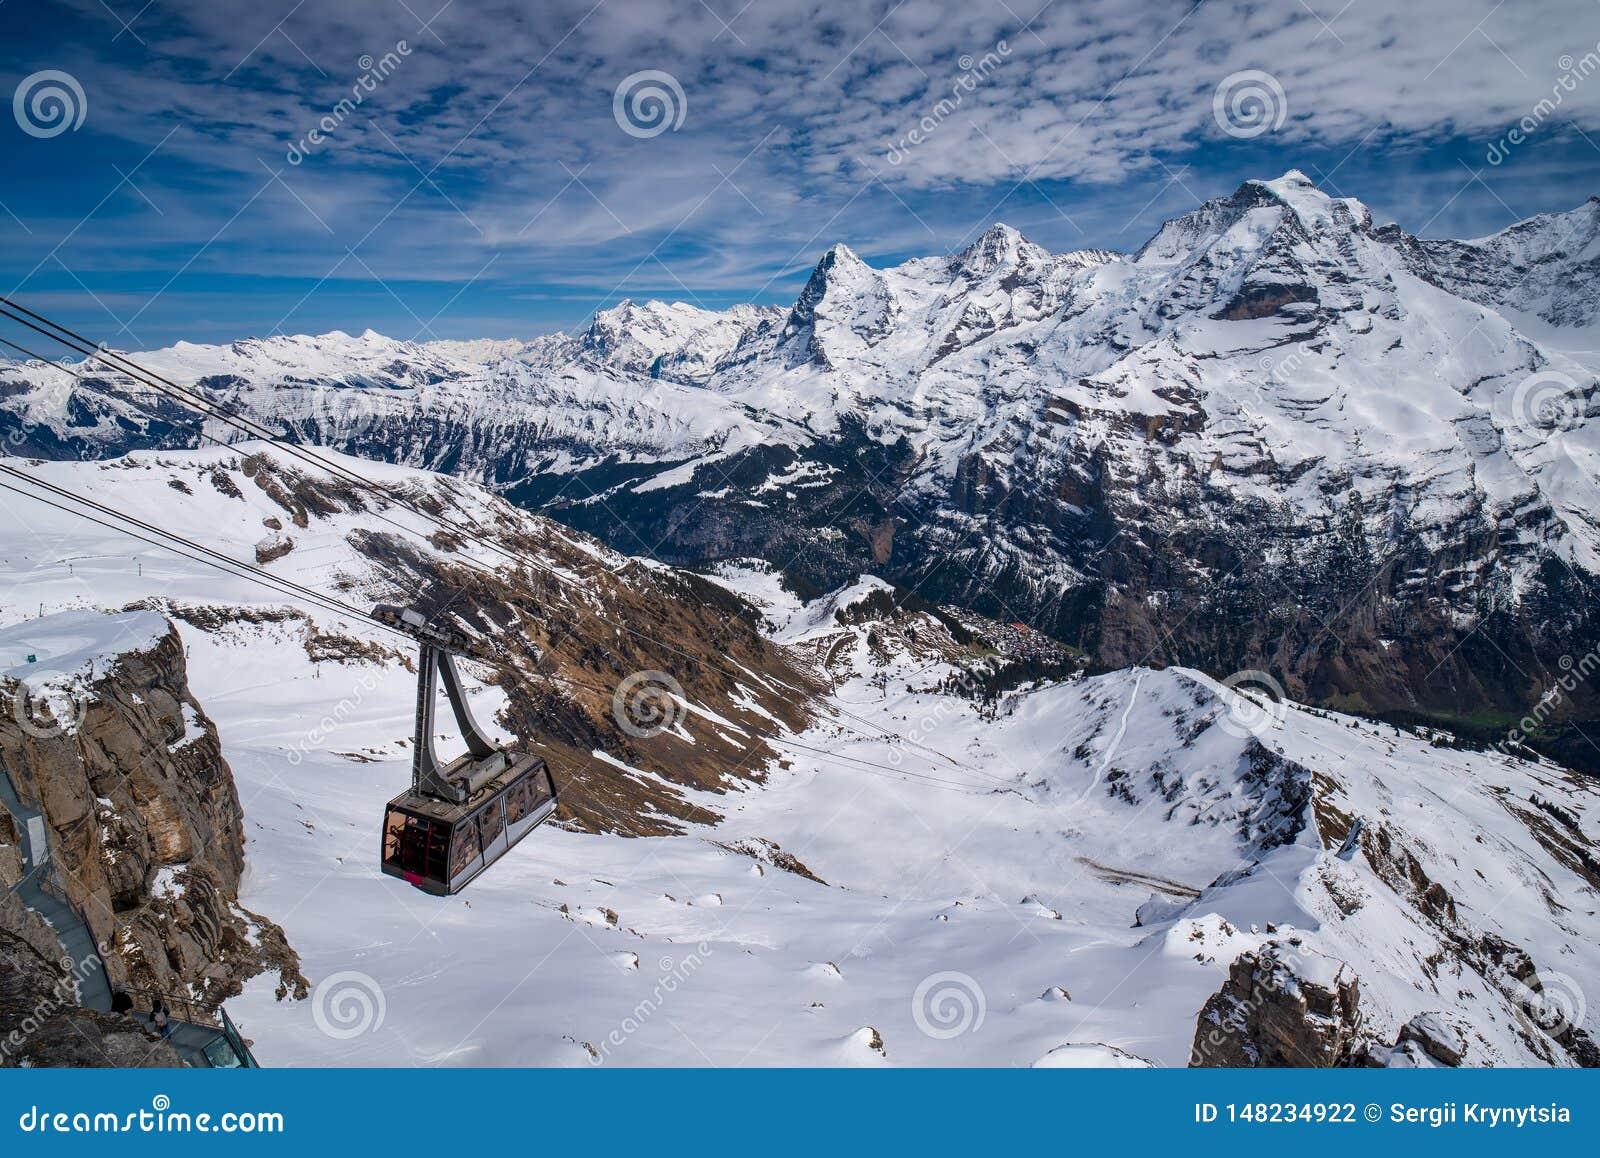 Telef?rico contra a vista panor?mica excitante de picos famosos Eiger, Monch e Jungfrau em cumes su??os, Su??a